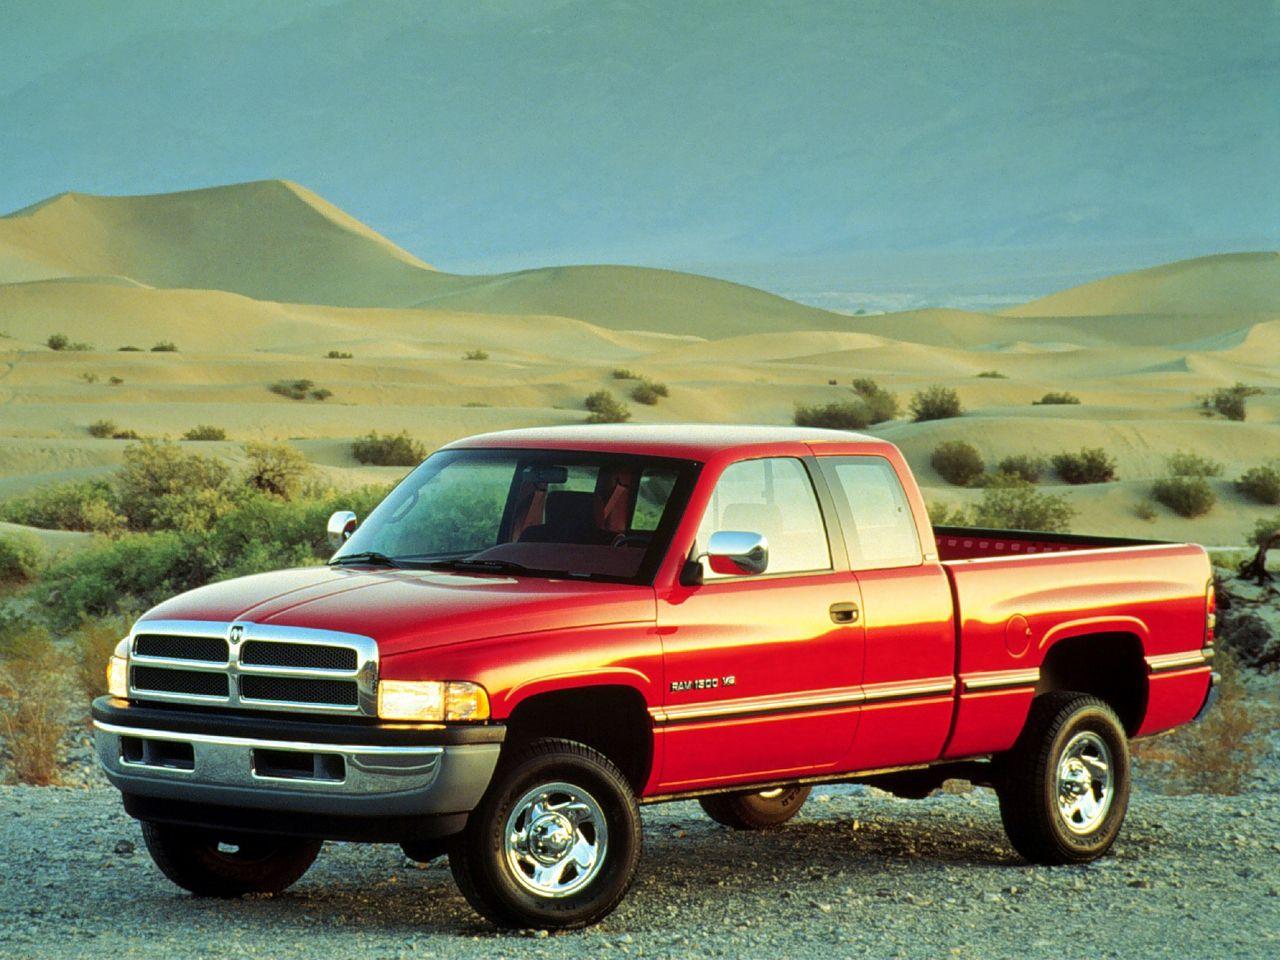 Dodge Ram 1500 Club Cab 1994 2001 Dodge Ram 1500 Dodge Ram Pickup 2001 Dodge Ram 1500